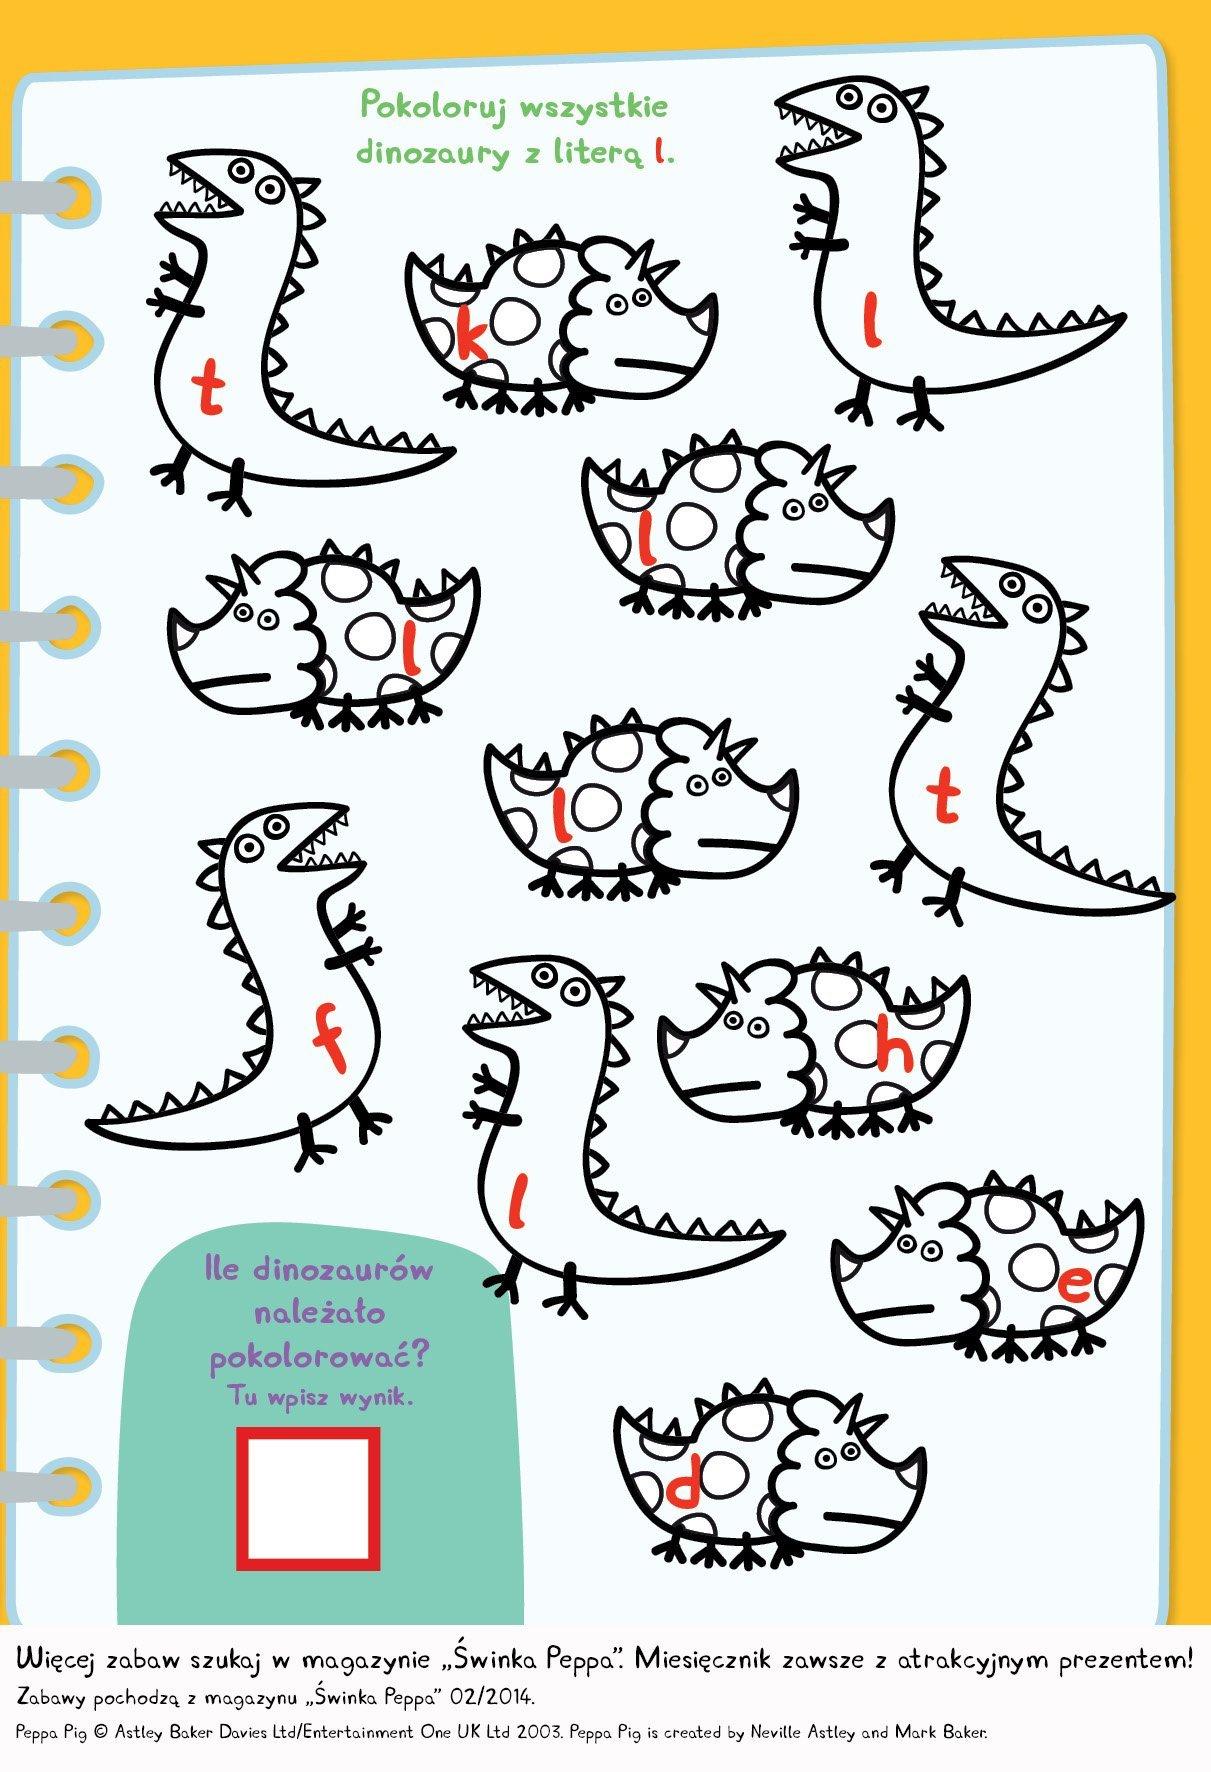 Ile dinozaurow pokolorujesz? malowanki ze Świnką Peppą do druku